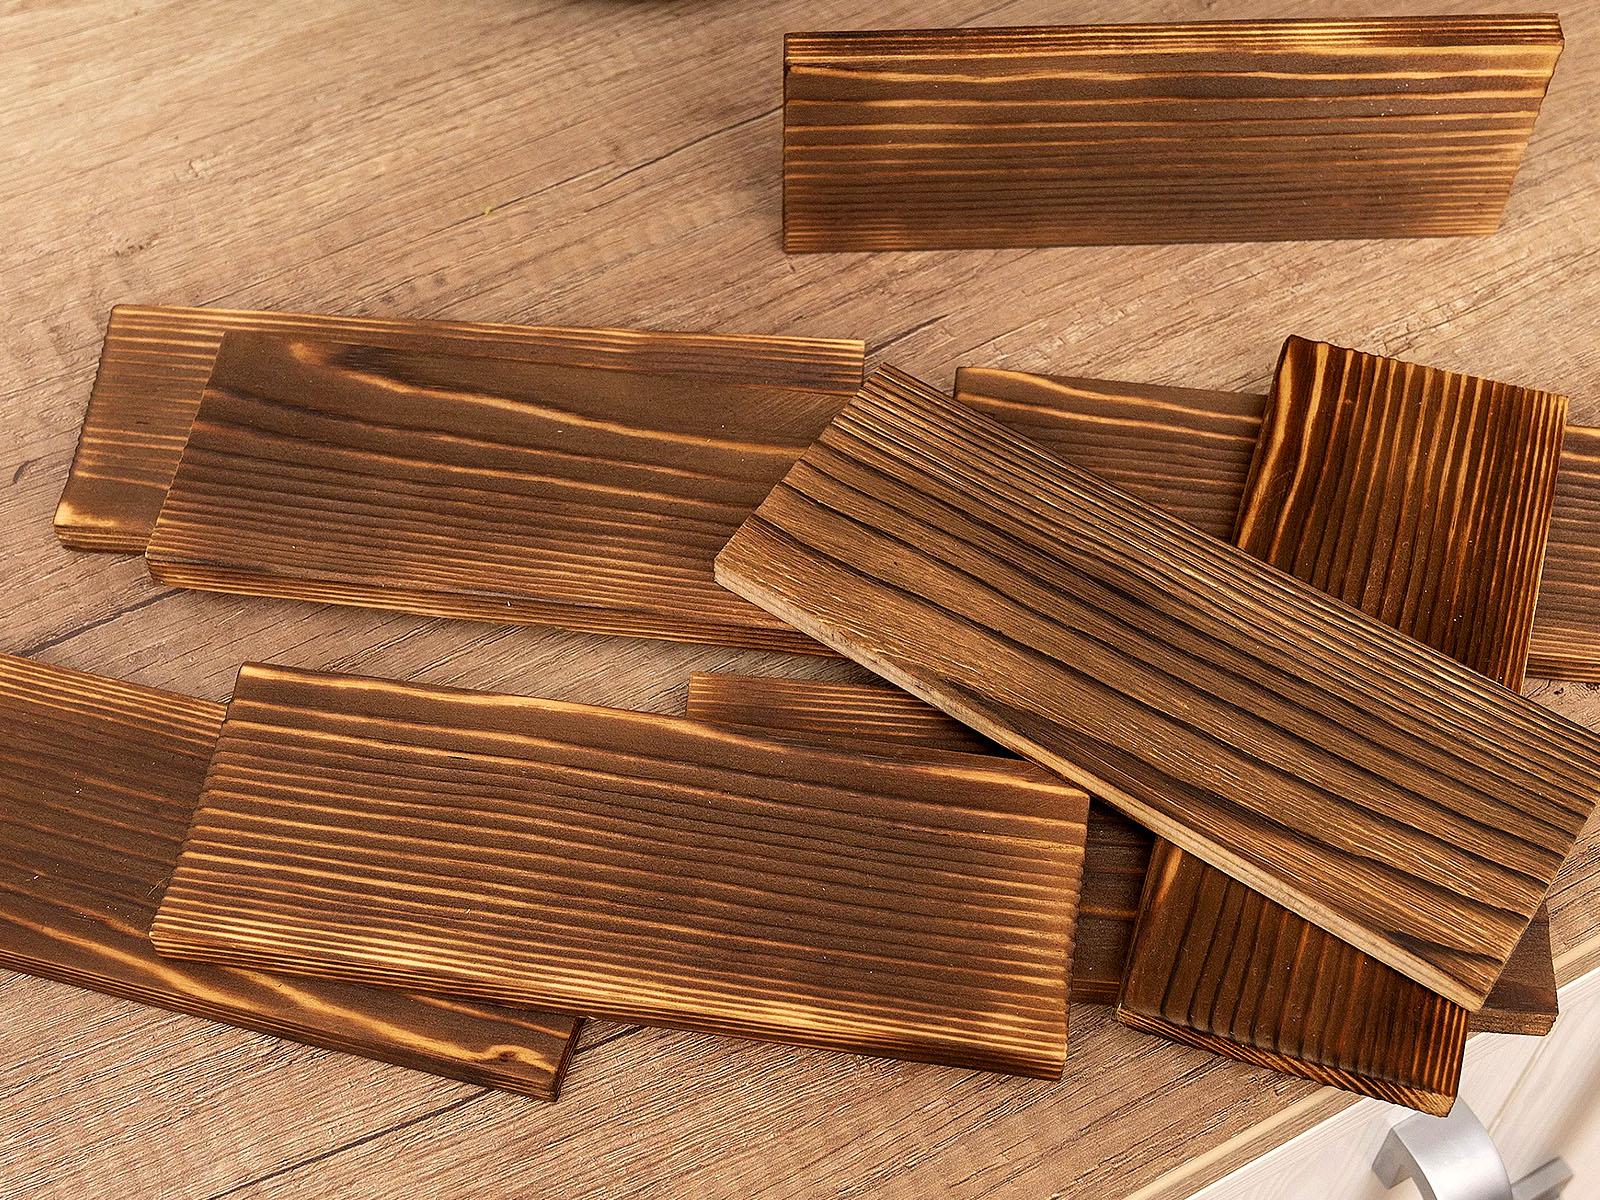 Égetett fa falpanelek - így is jól látható a fa erezete, mintázata.